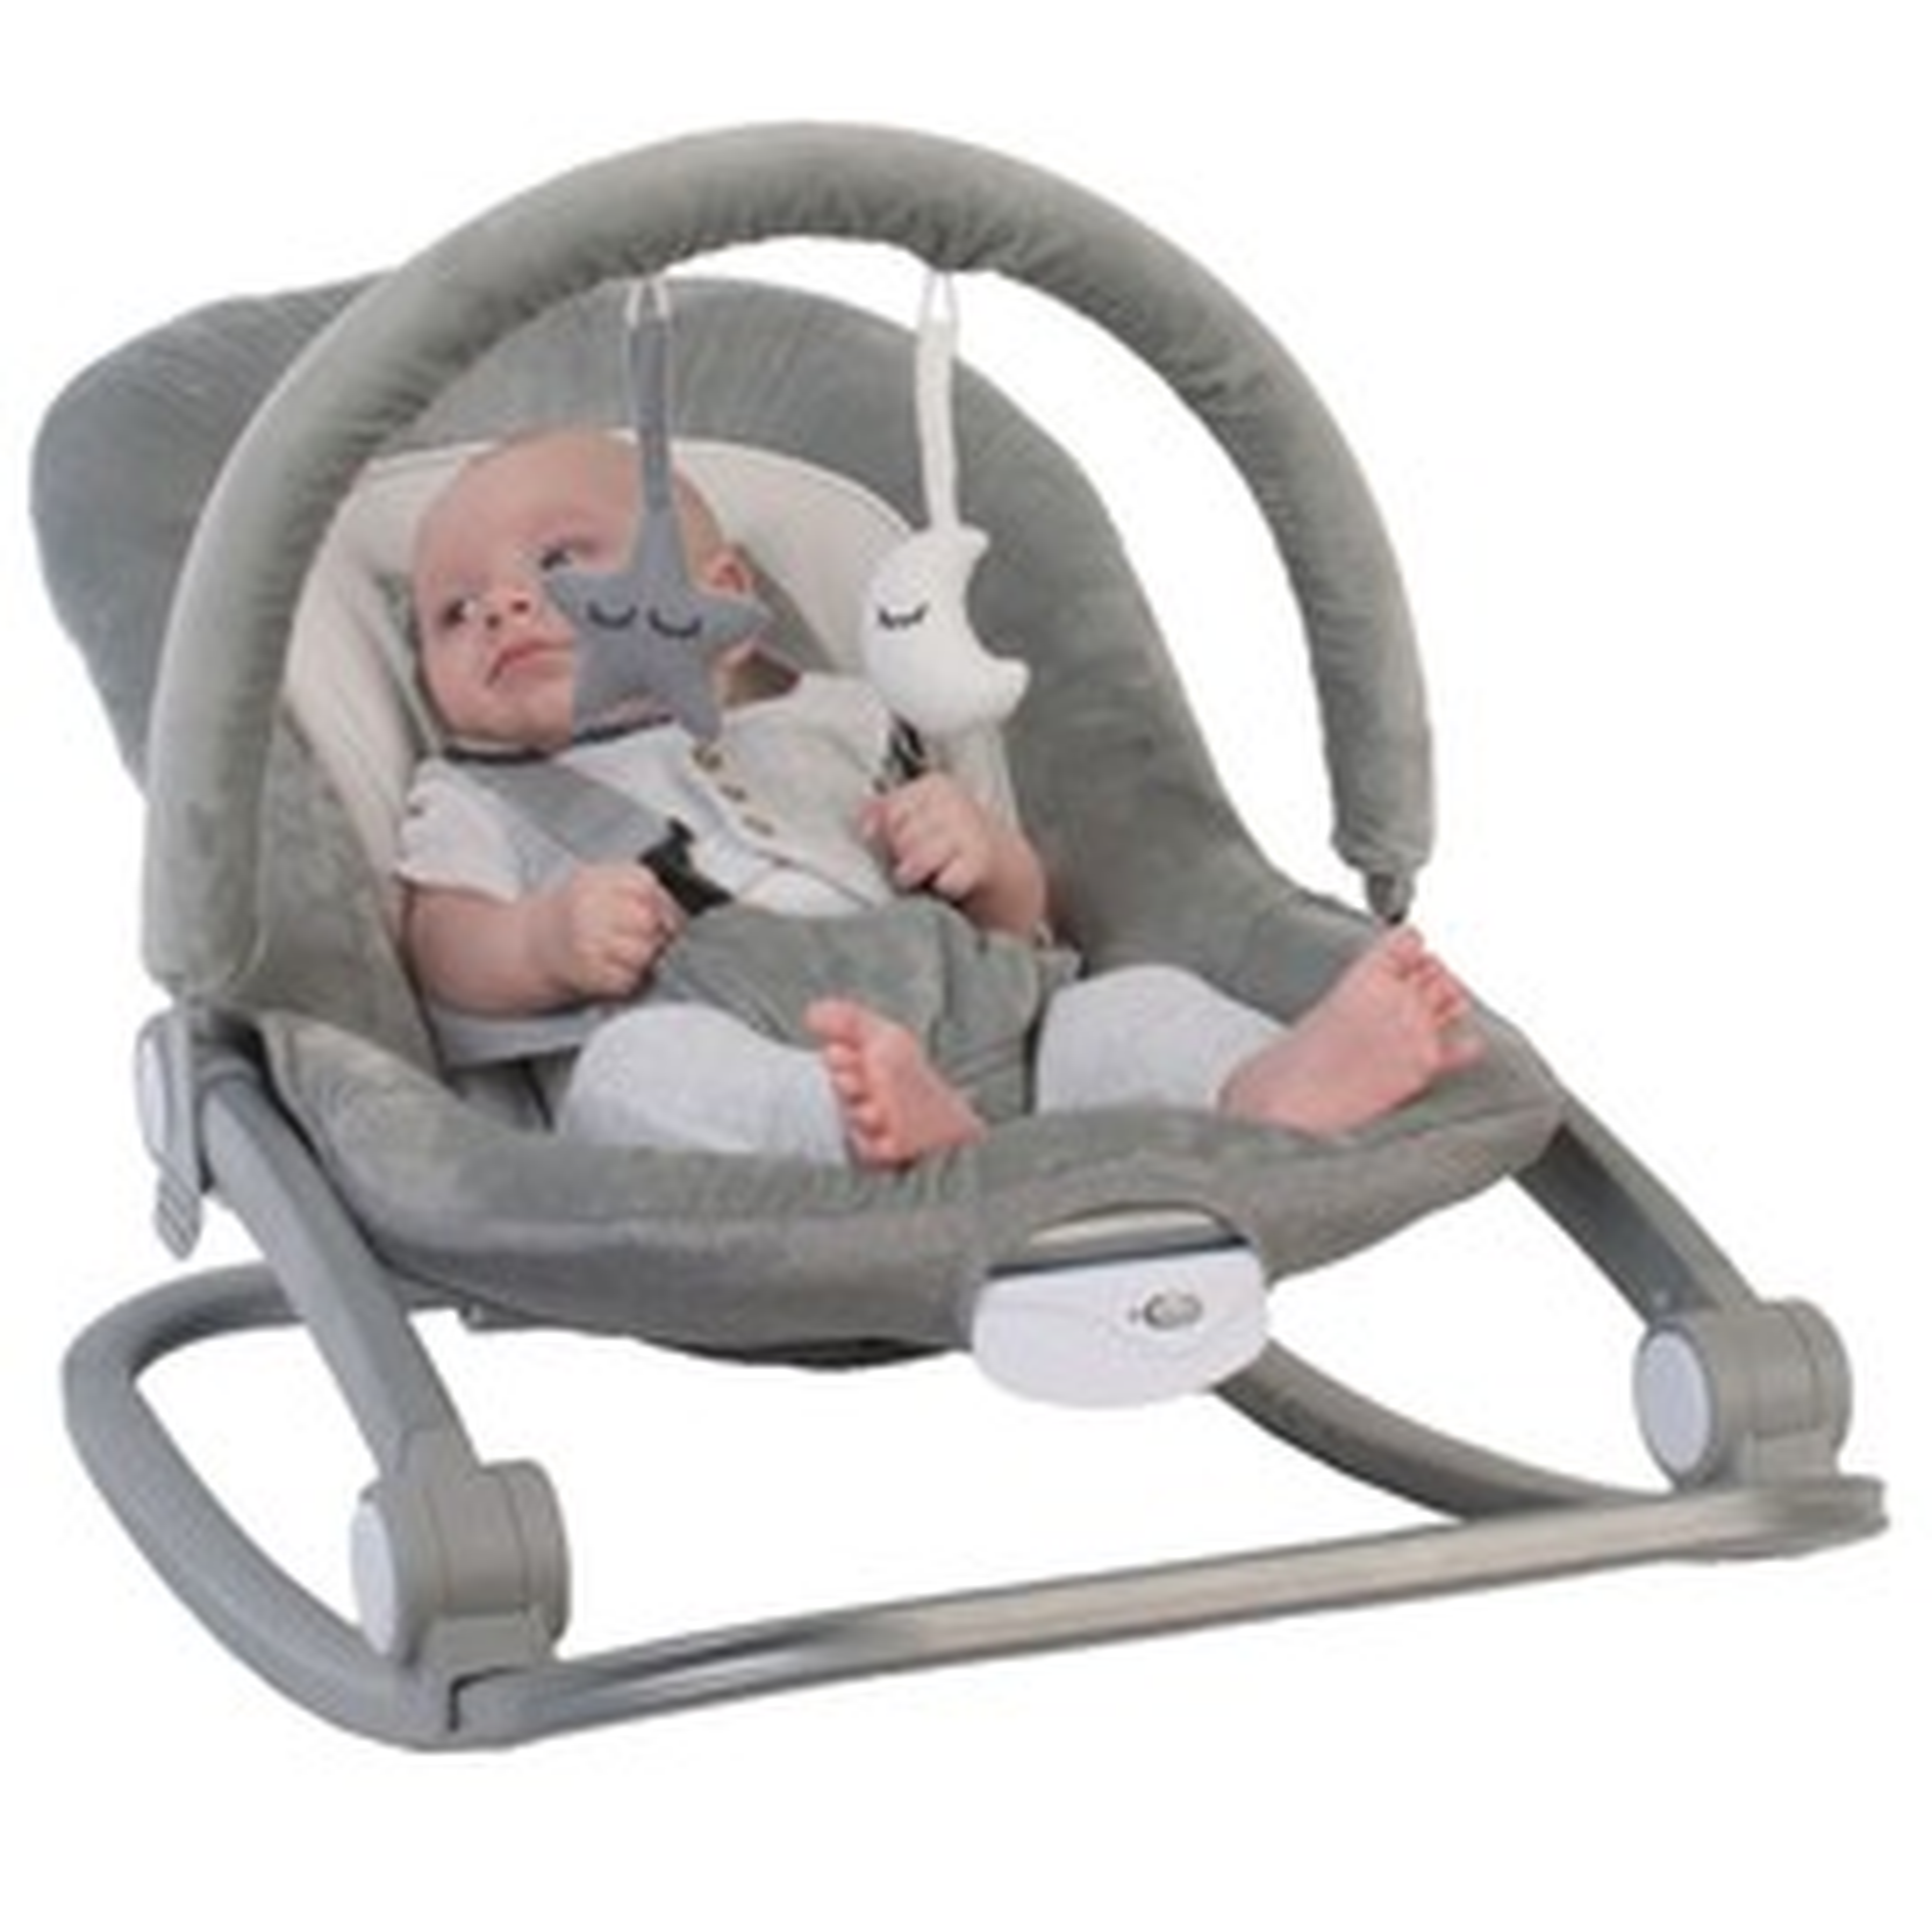 Bo Jungle Stérilisateur pour biberon de bébé enfant B-Microwave Blanc